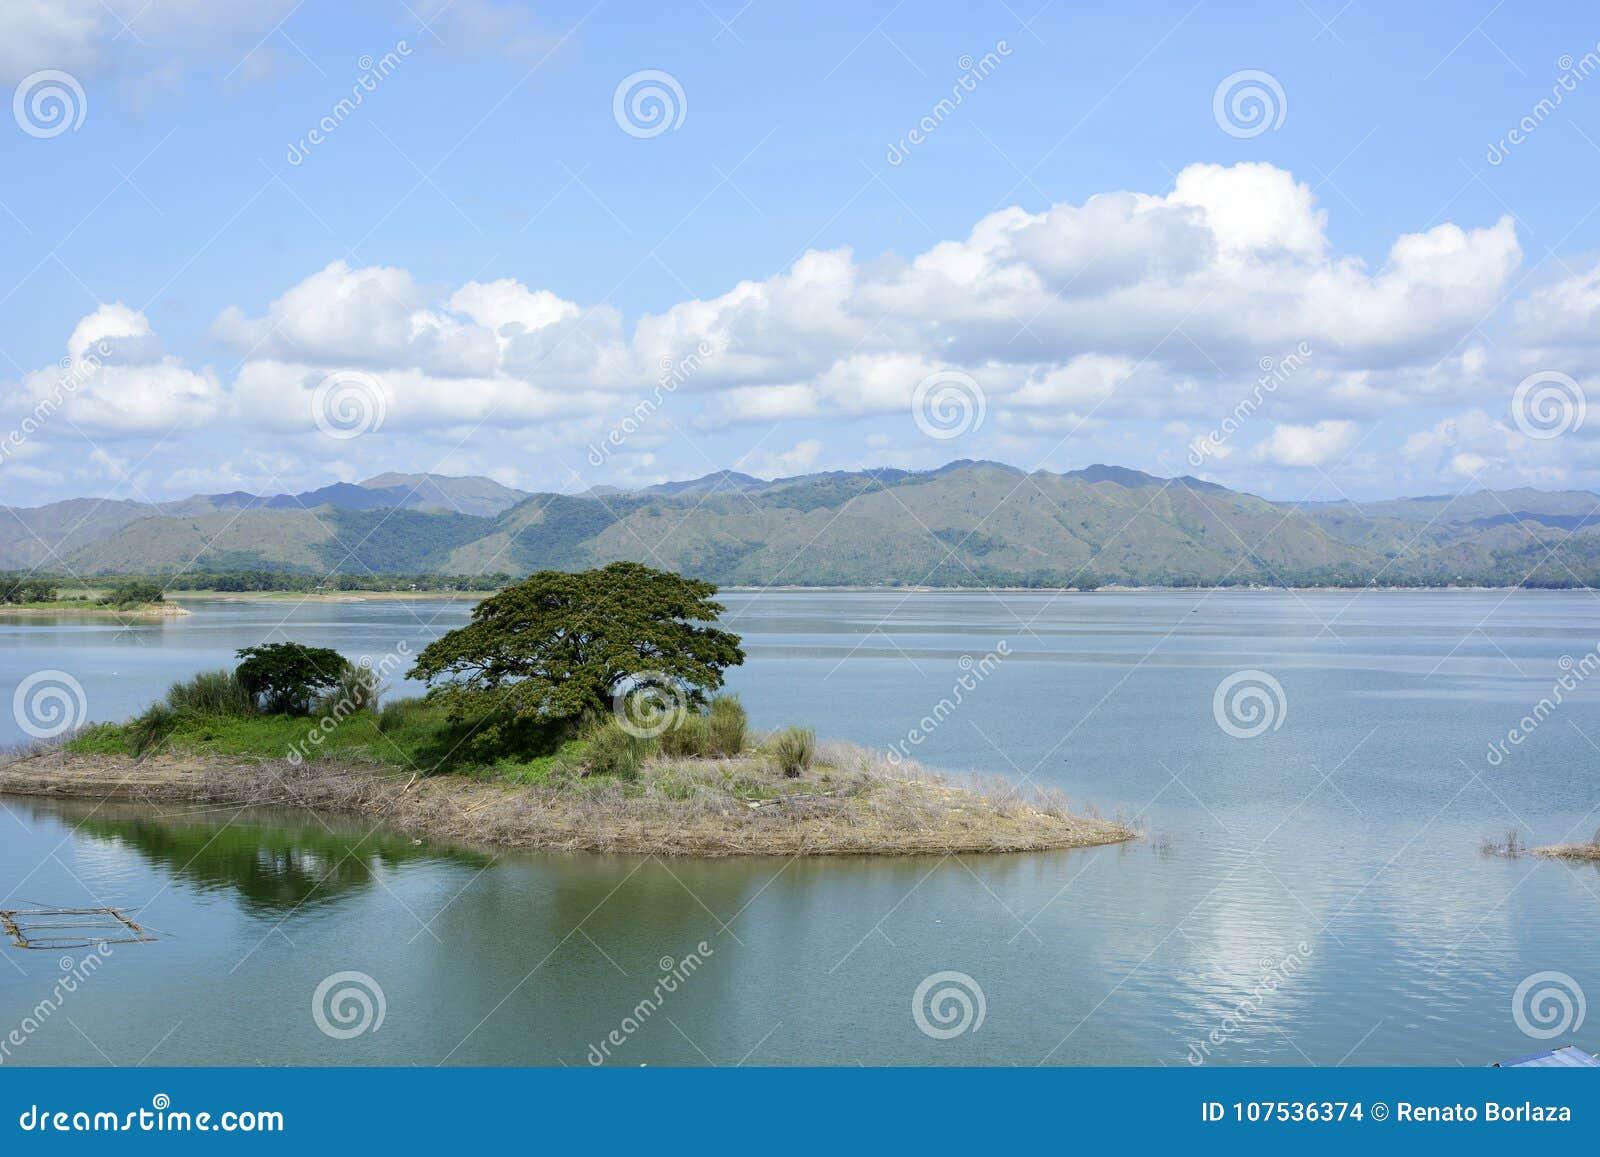 Le lac énorme a formé en raison de la construction électrique hydraulique de barrage de Magat, plaçant des villes sous l eau